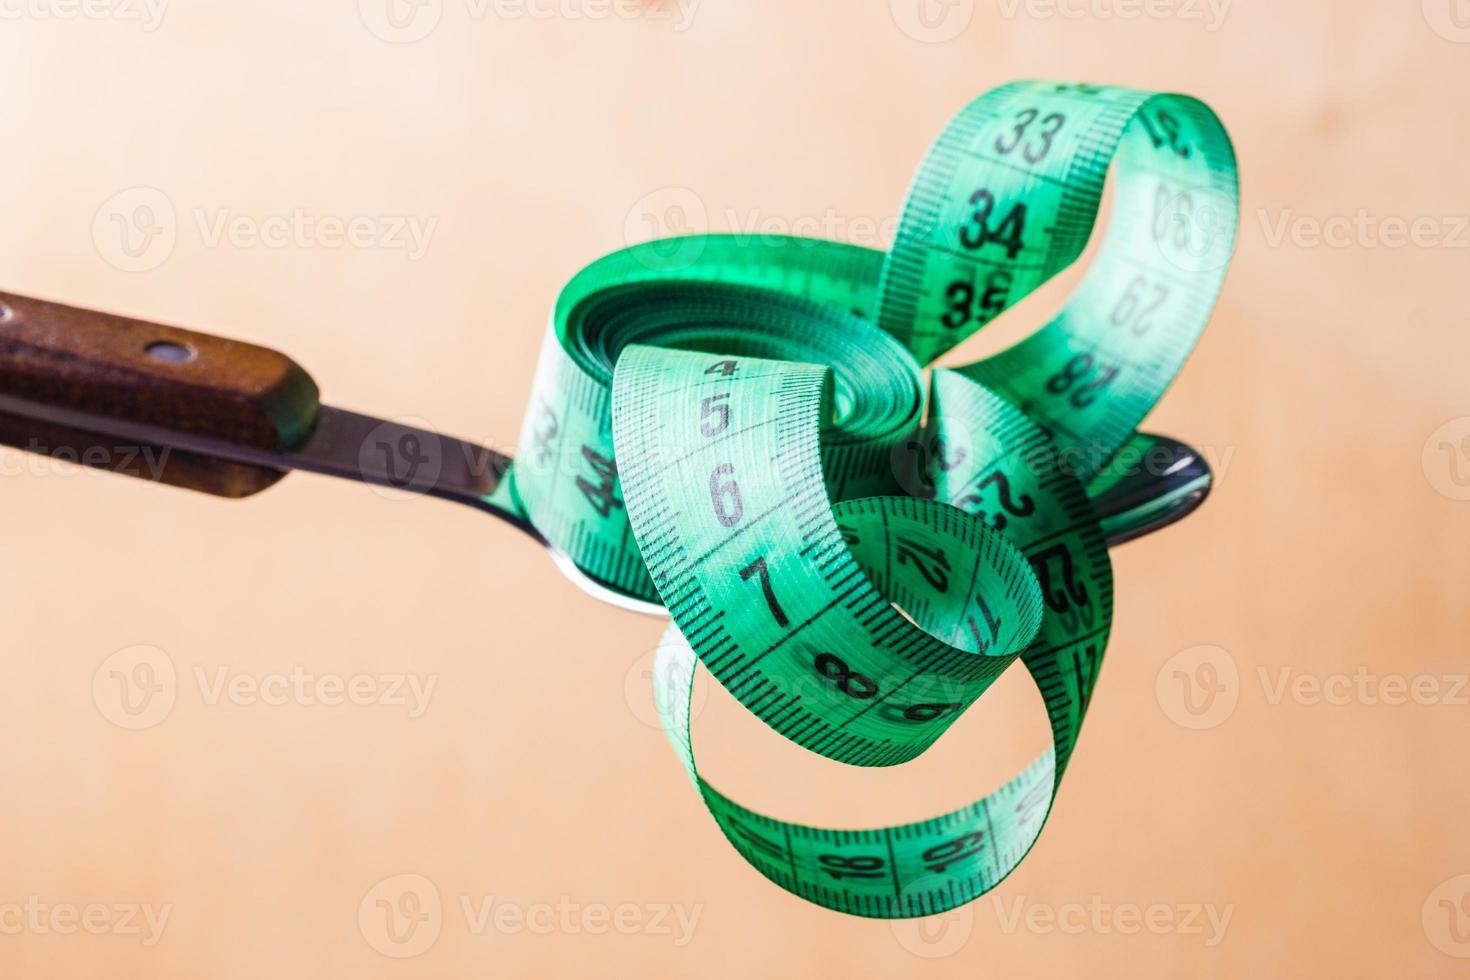 Cinta métrica verde en una cuchara de cocina foto